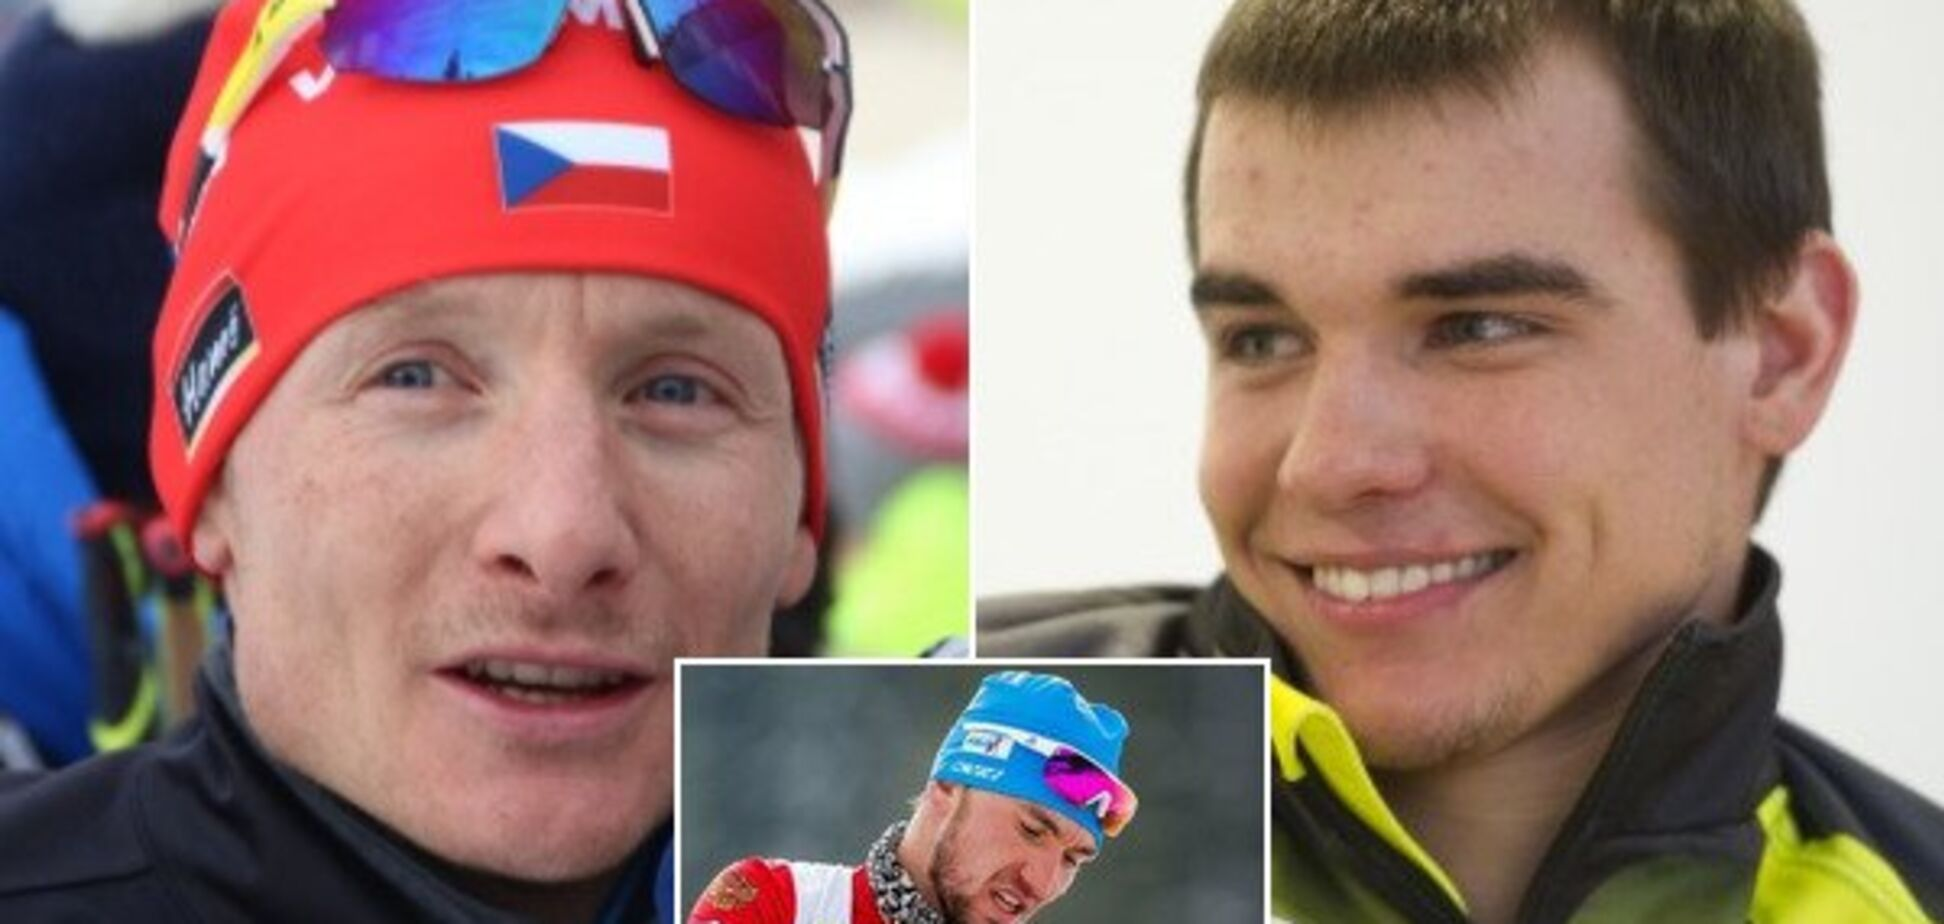 Чешские биатлонисты поставили на место российского допингиста